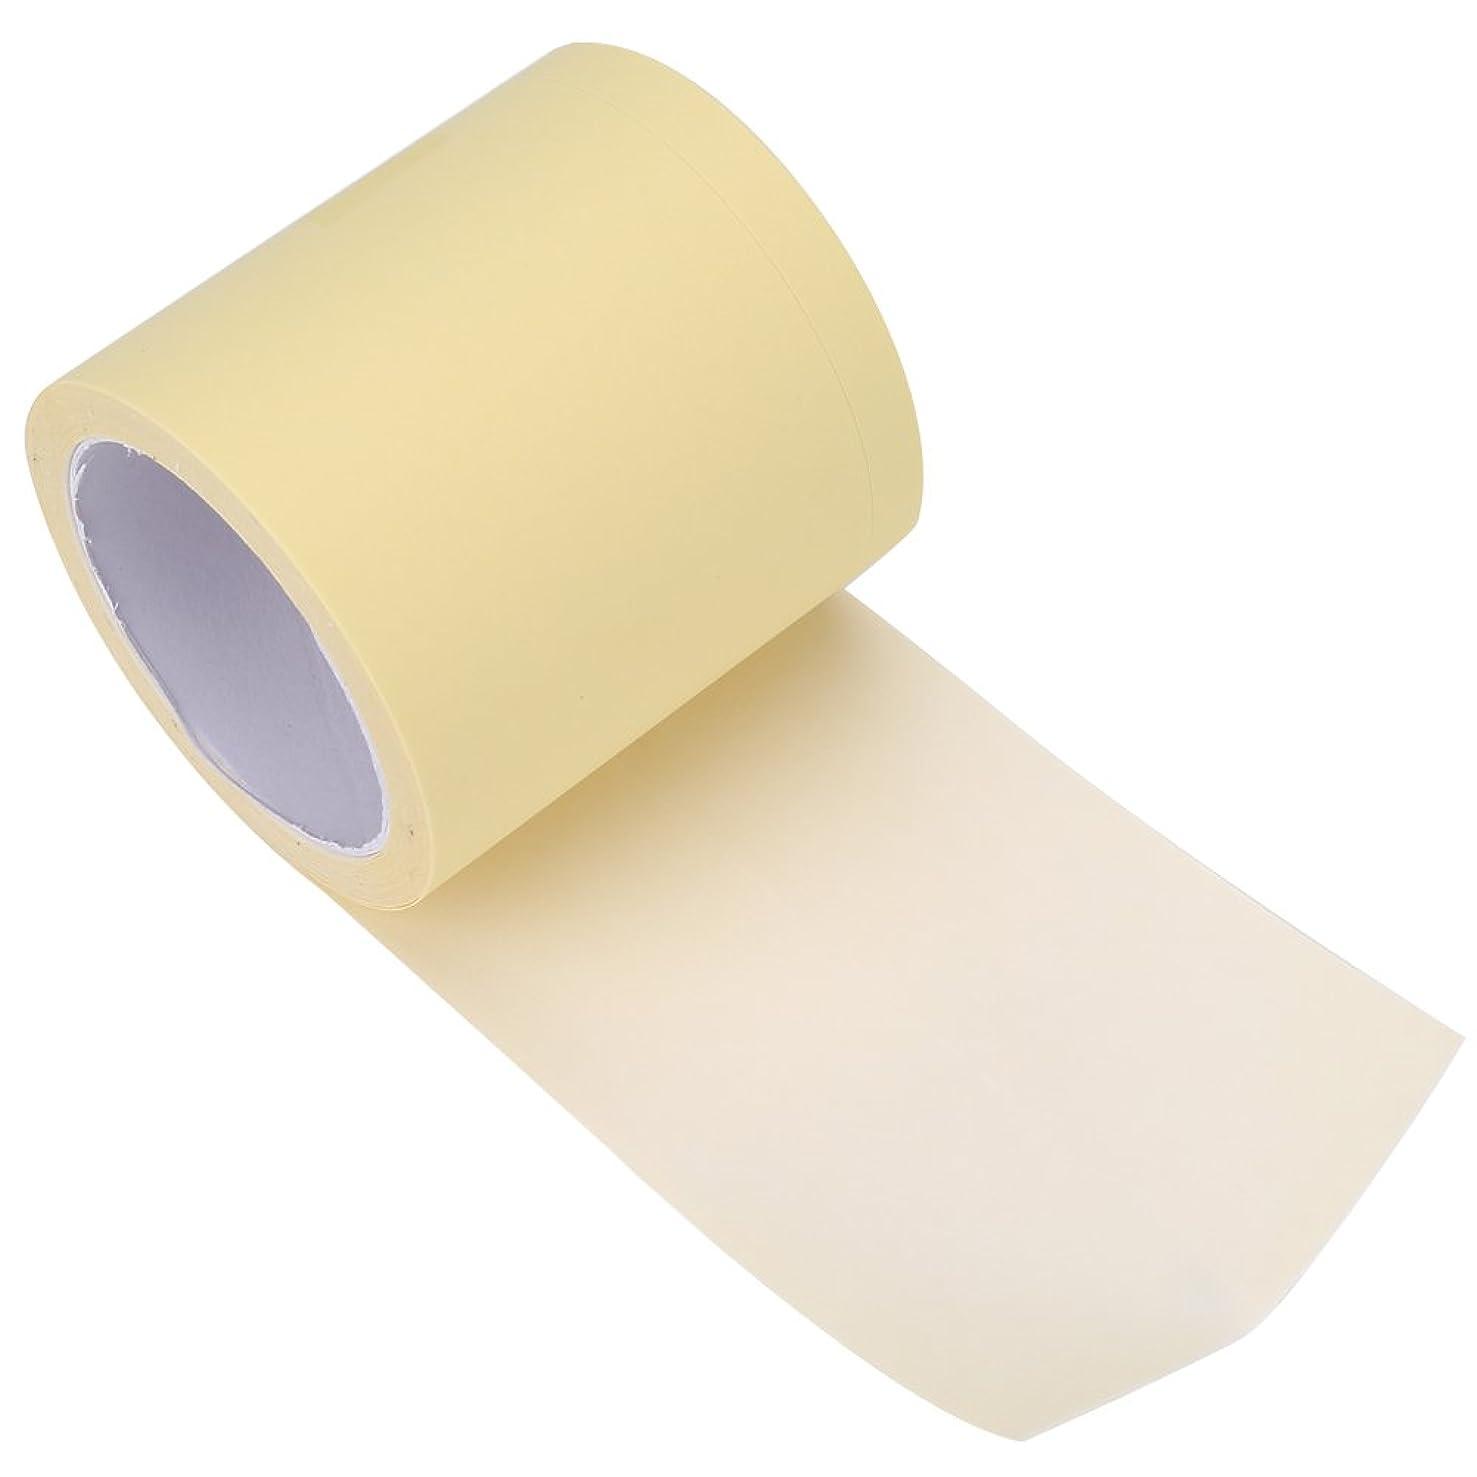 傾斜グリップはしご汗止めパッド 脇の下 汗パッド 汗とりシート ワキに直接貼る汗取りパッド 脇の汗染み防止 ロールタイプ 皮膚に優しい 抗菌加工 男女兼用 透明